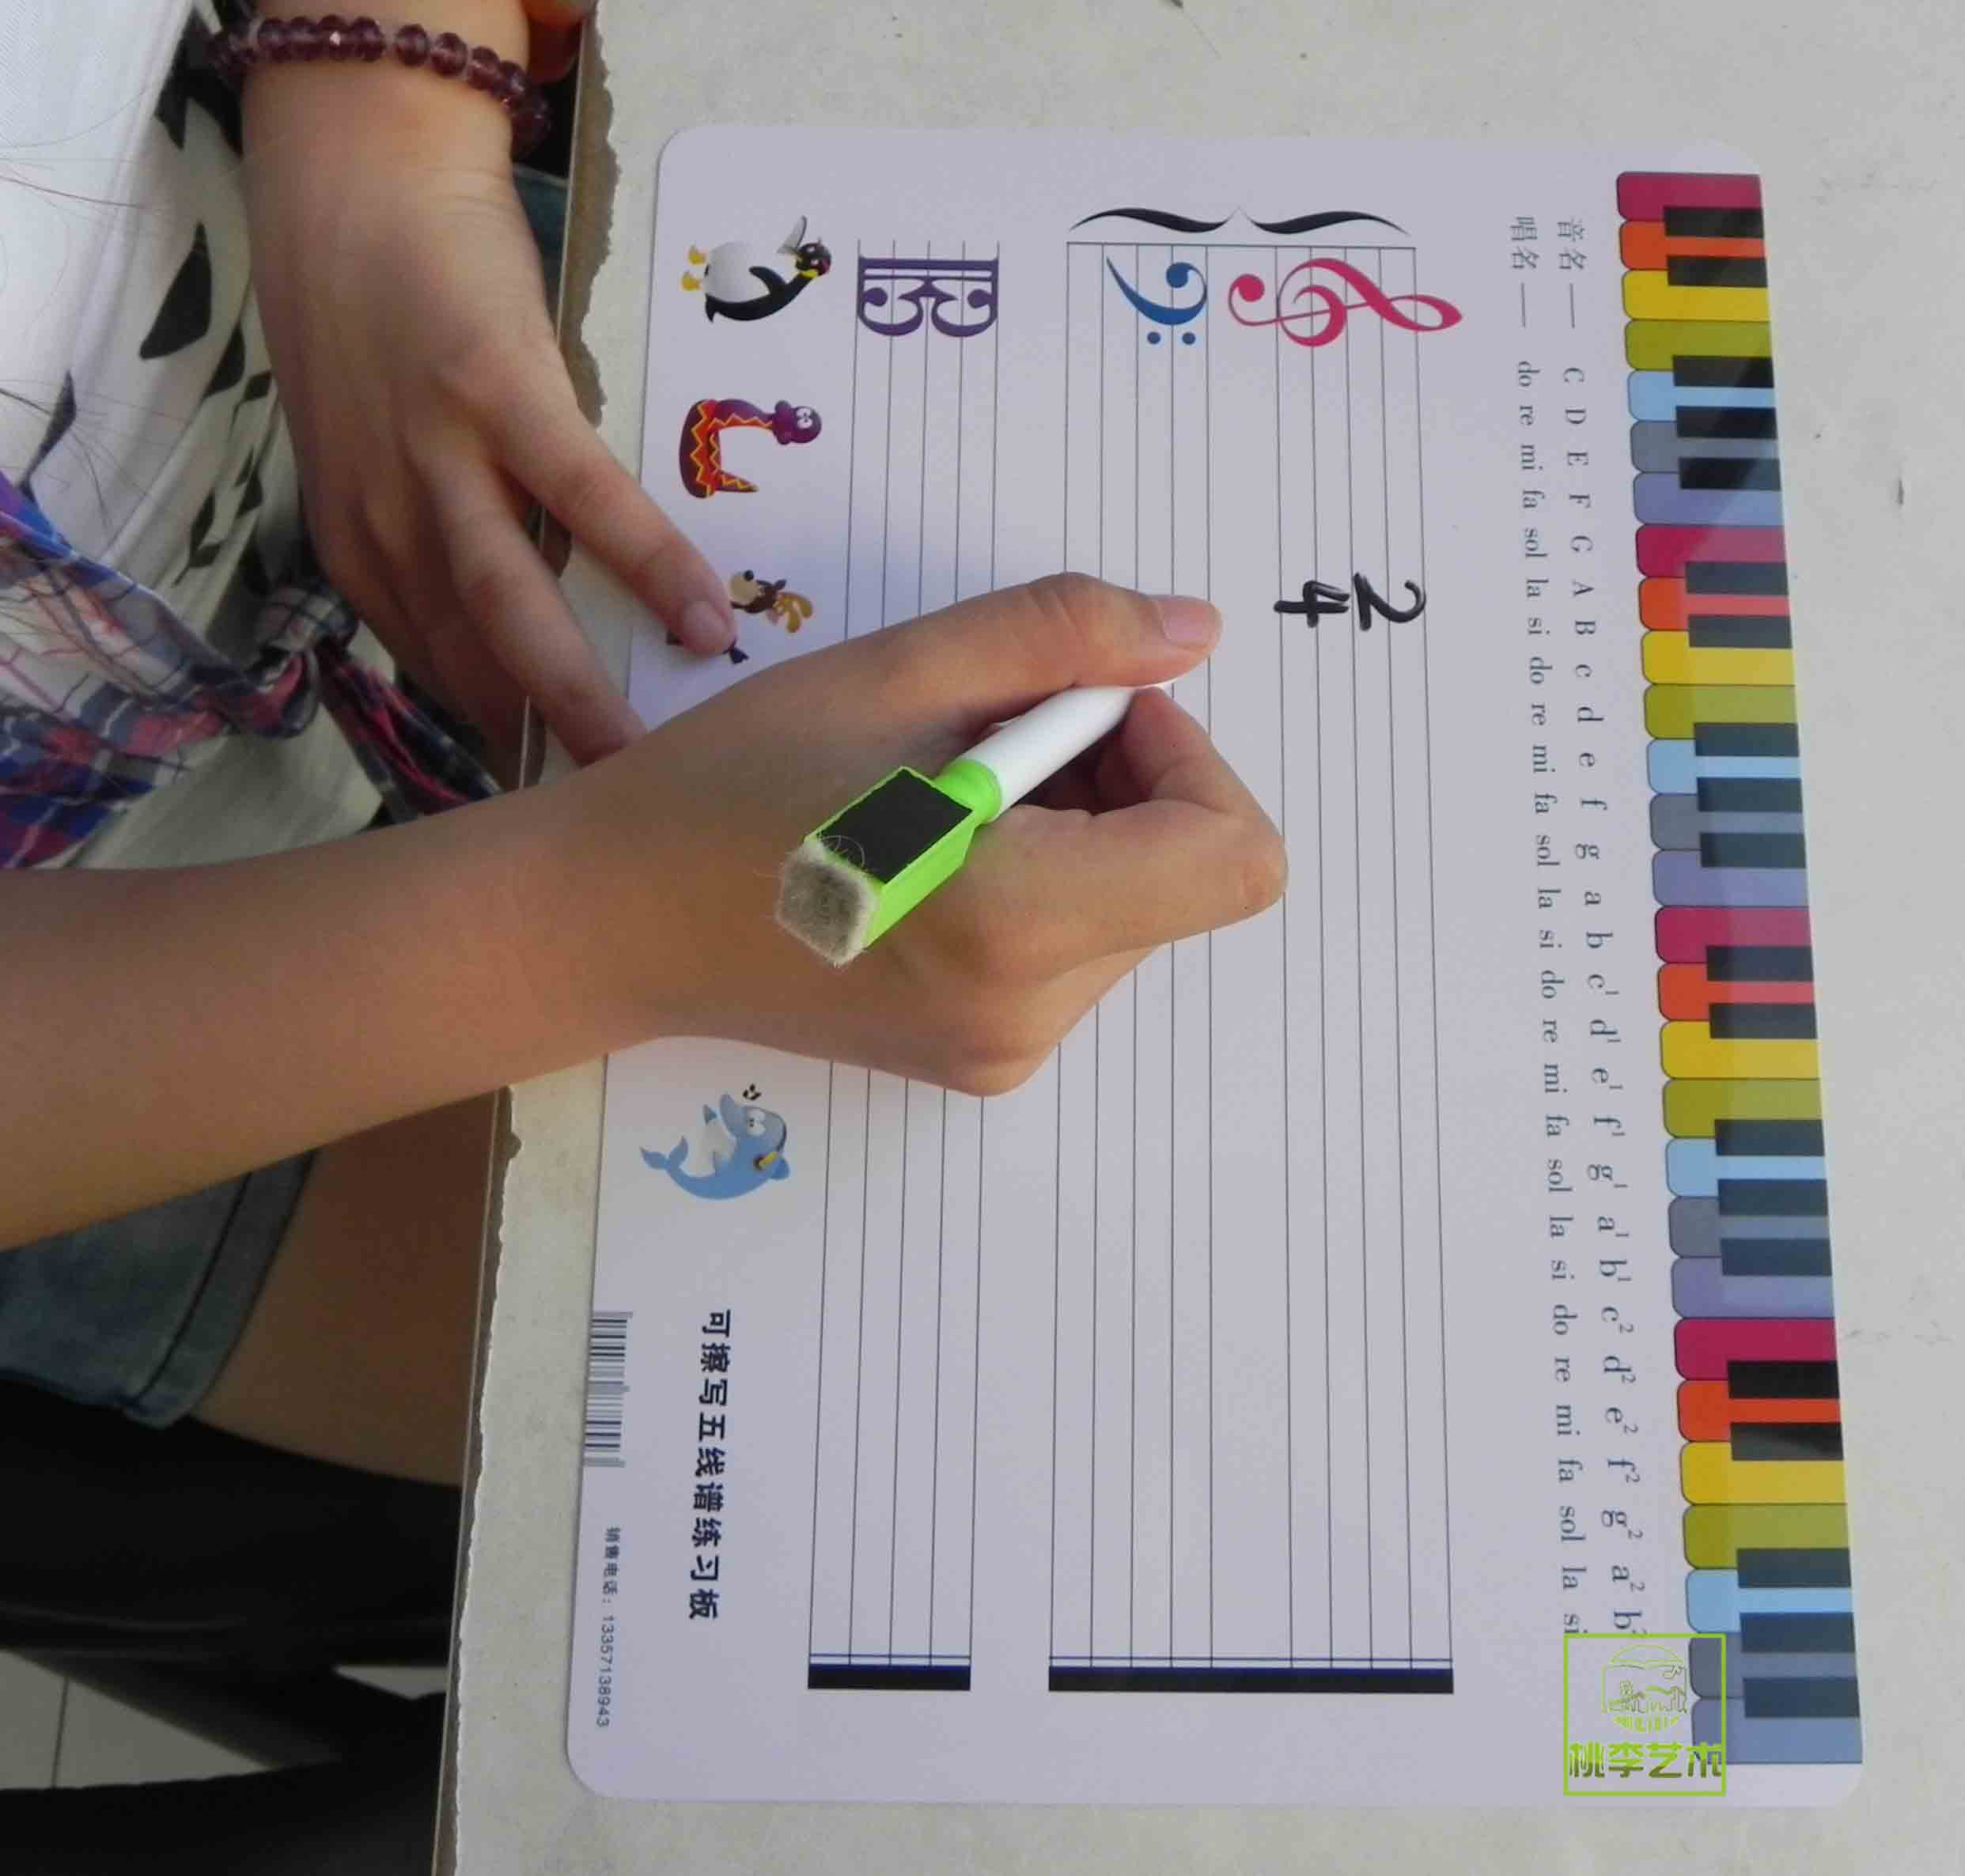 正版 实拍 可擦写五线谱练习板 键盘谱表音名分组对照图 配笔